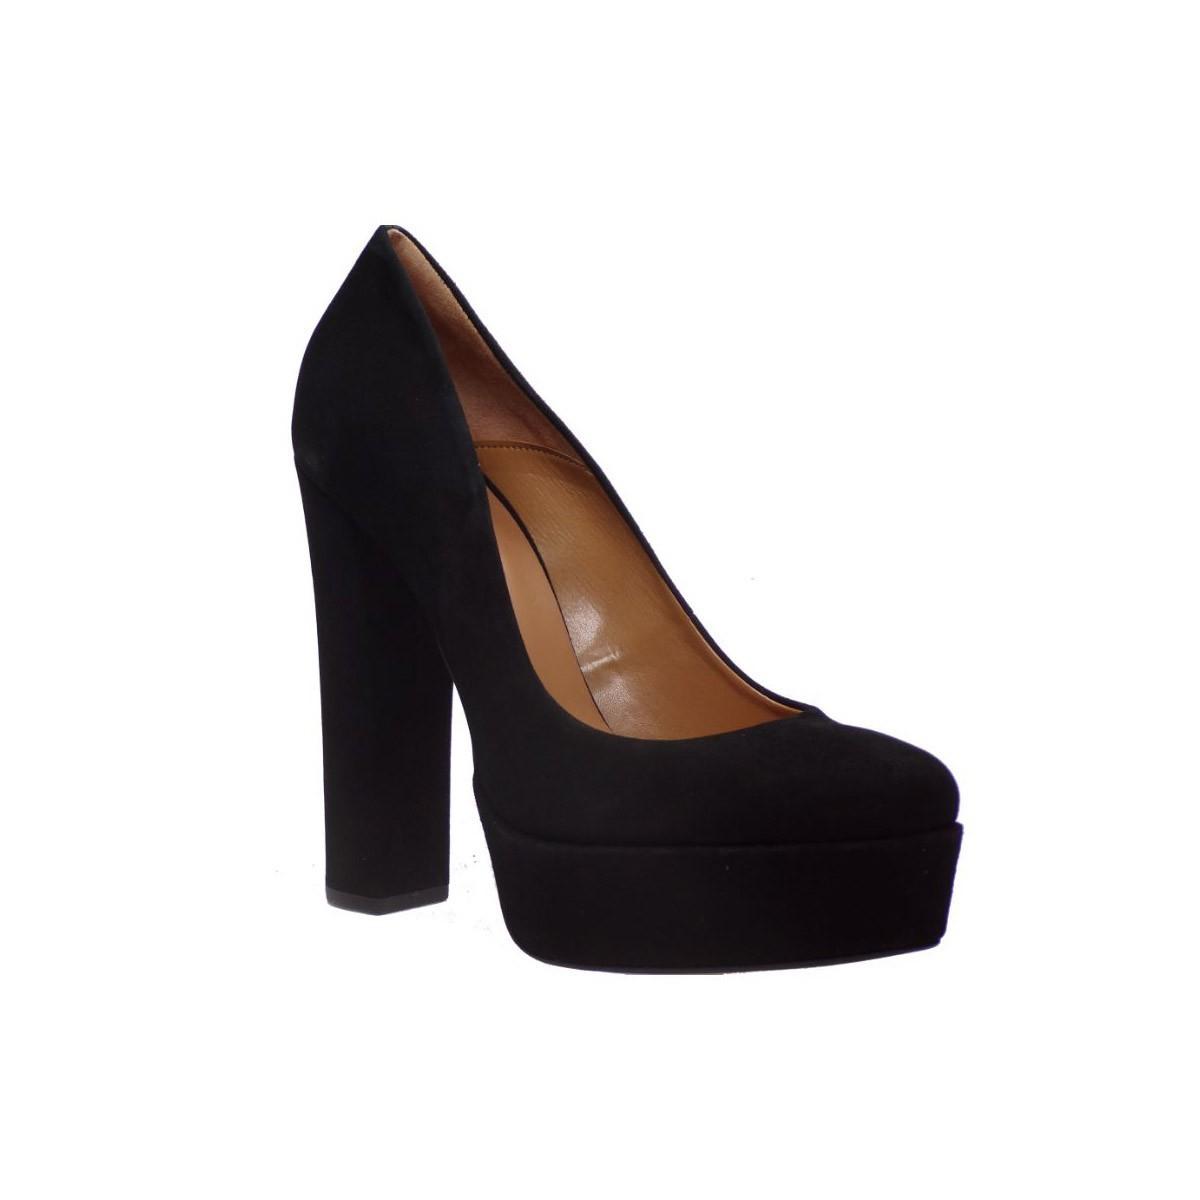 Γυναικείες Γόβες-Peep Toes - Ακριβότερα Προϊόντα - Σελίδα 189 ... 8a37bf97e21